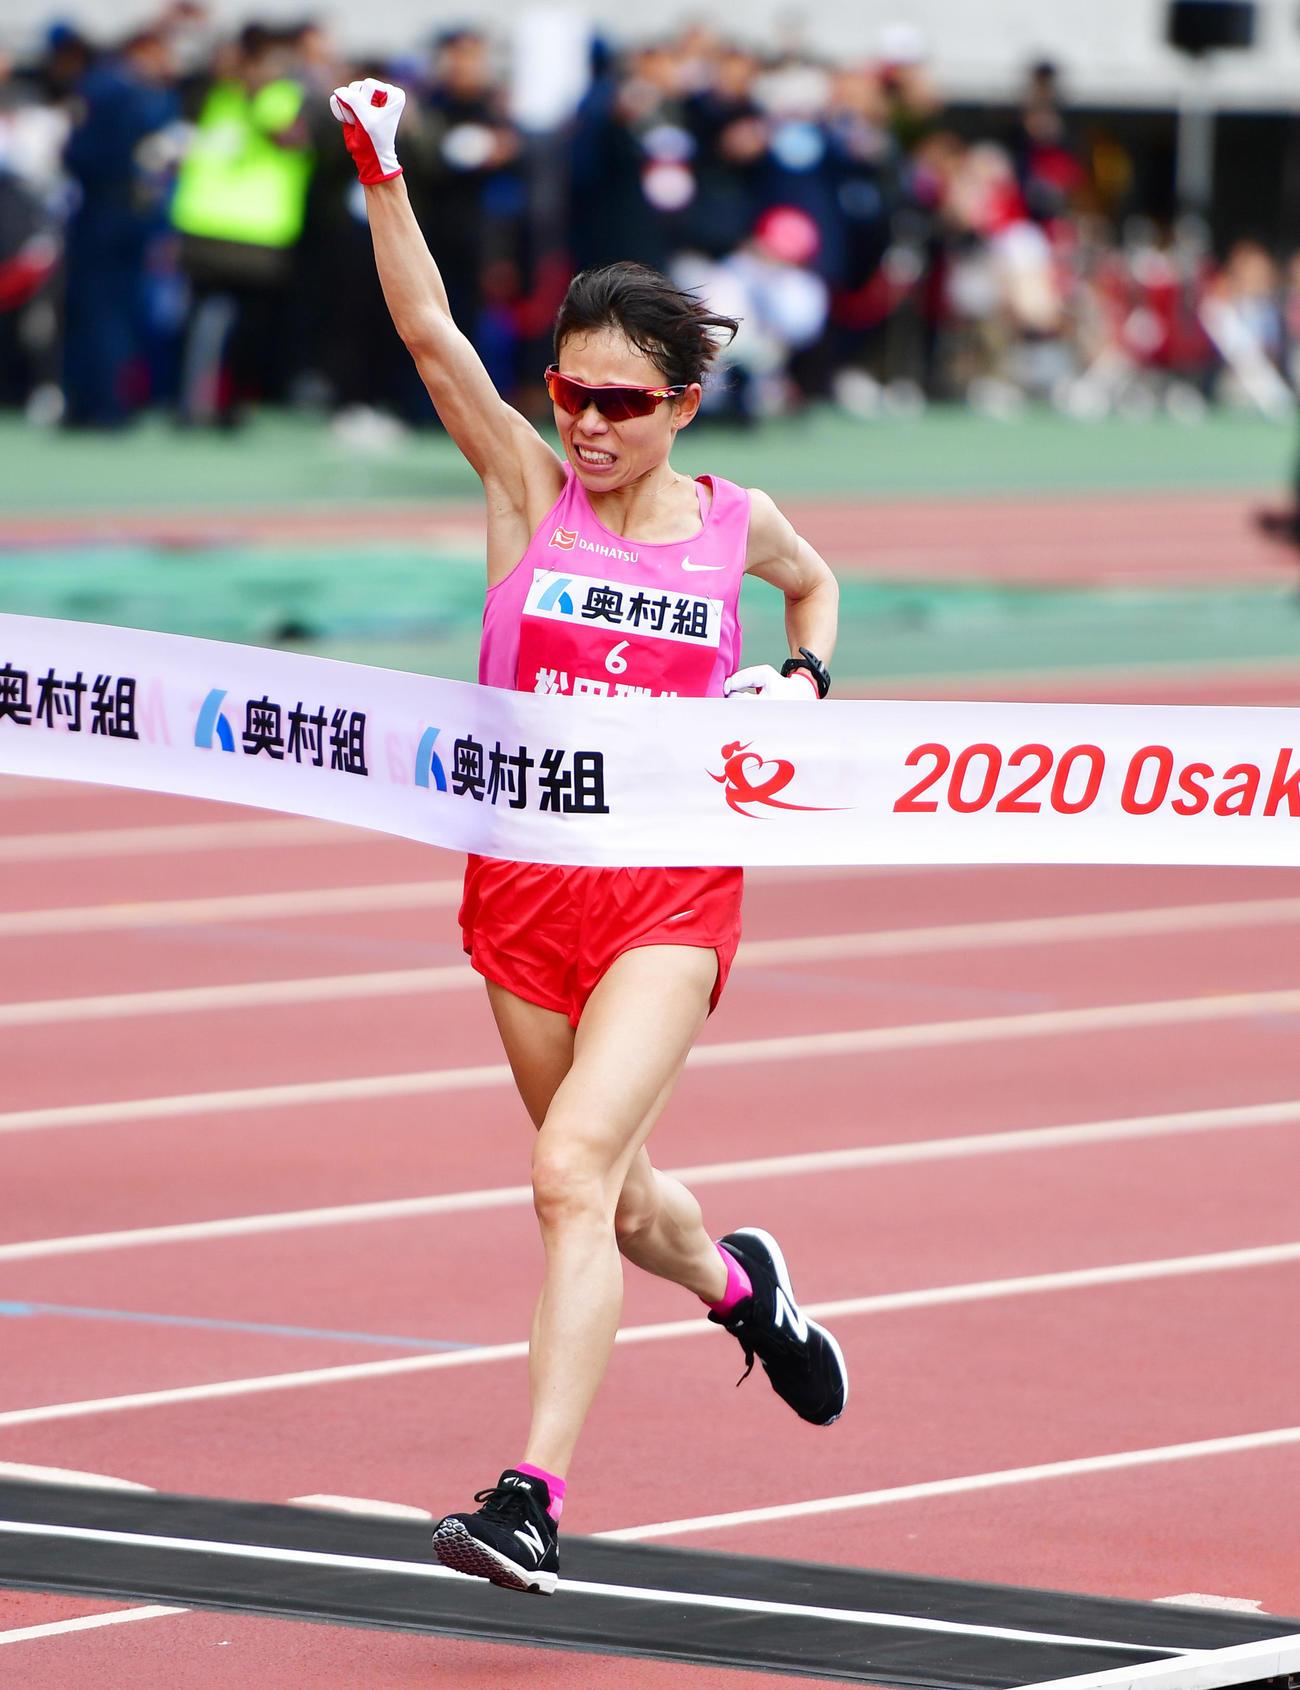 大阪国際女子マラソン 2時間21分47秒で優勝した松田瑞生(2020年1月26日撮影)